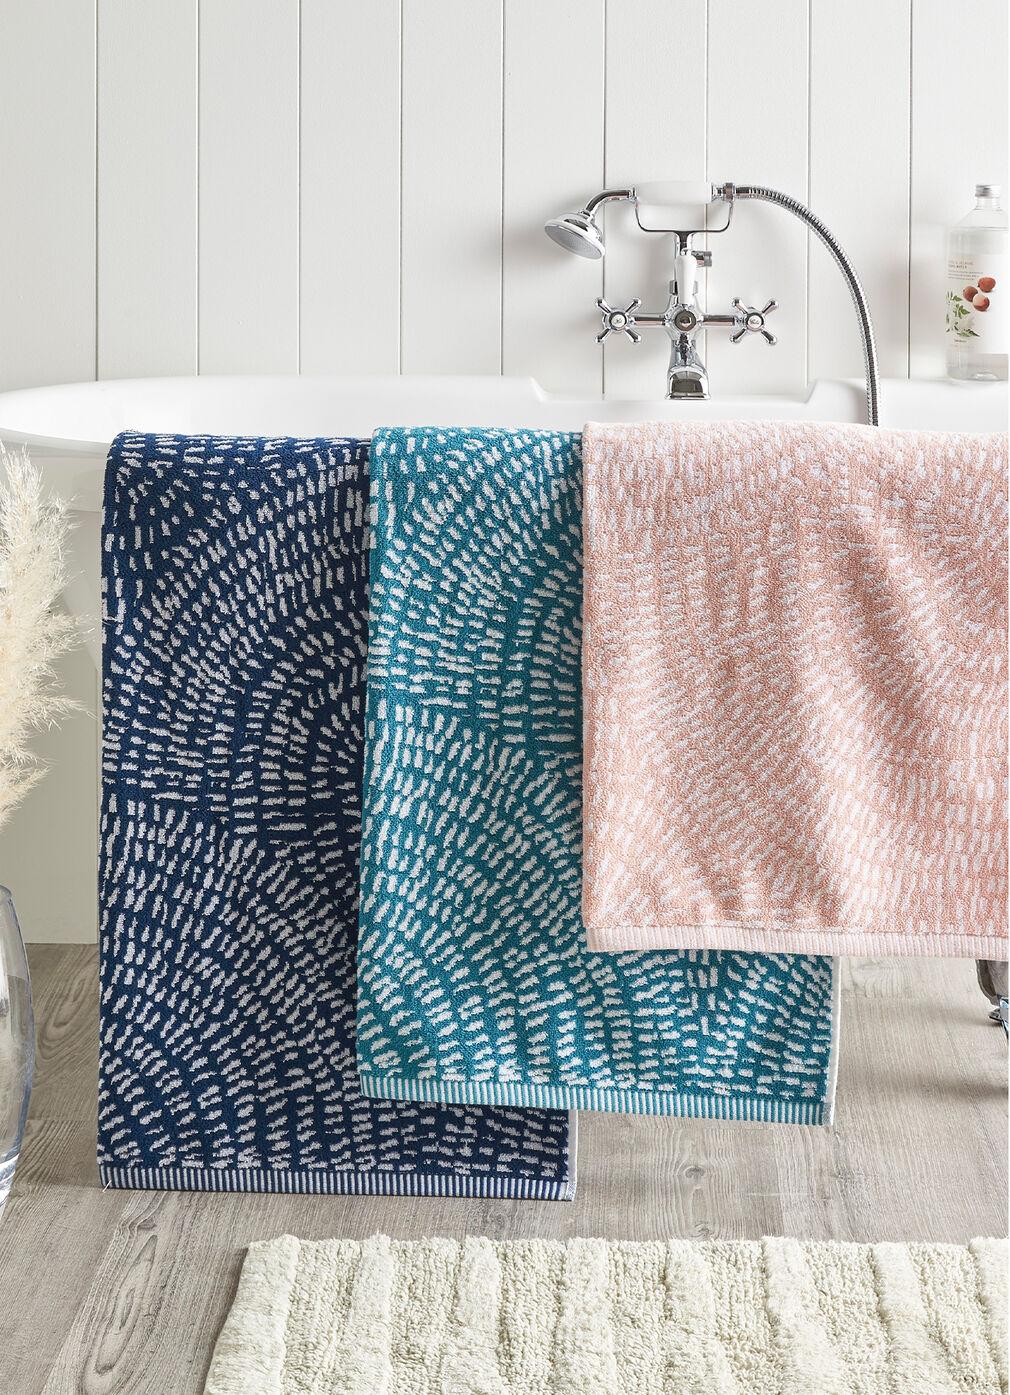 Amalfi Towels